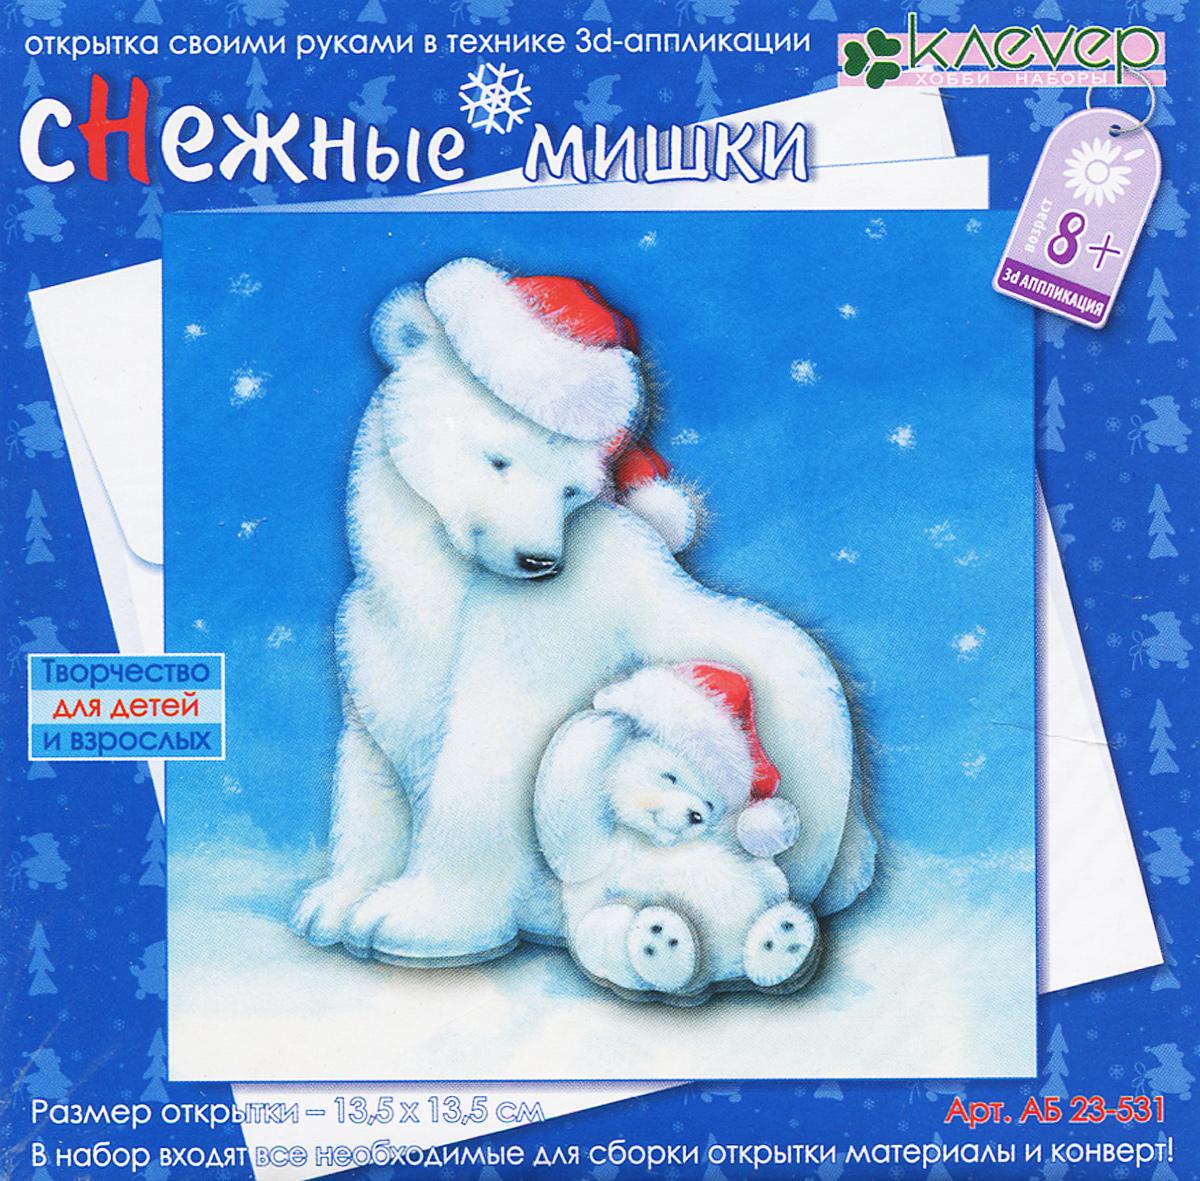 """При помощи набора """"Снежные мишки"""" вы сможете создать великолепную открытку в технике 3d-аппликации. Эта оригинальная открытка, сделанная своими руками, приятно удивит в зимний праздник ваших близких и друзей. Набор включает все необходимое: цветную бумагу, открытку, конверт, объемный двухсторонний скотч двух типов, пошаговую инструкцию на русском языке."""